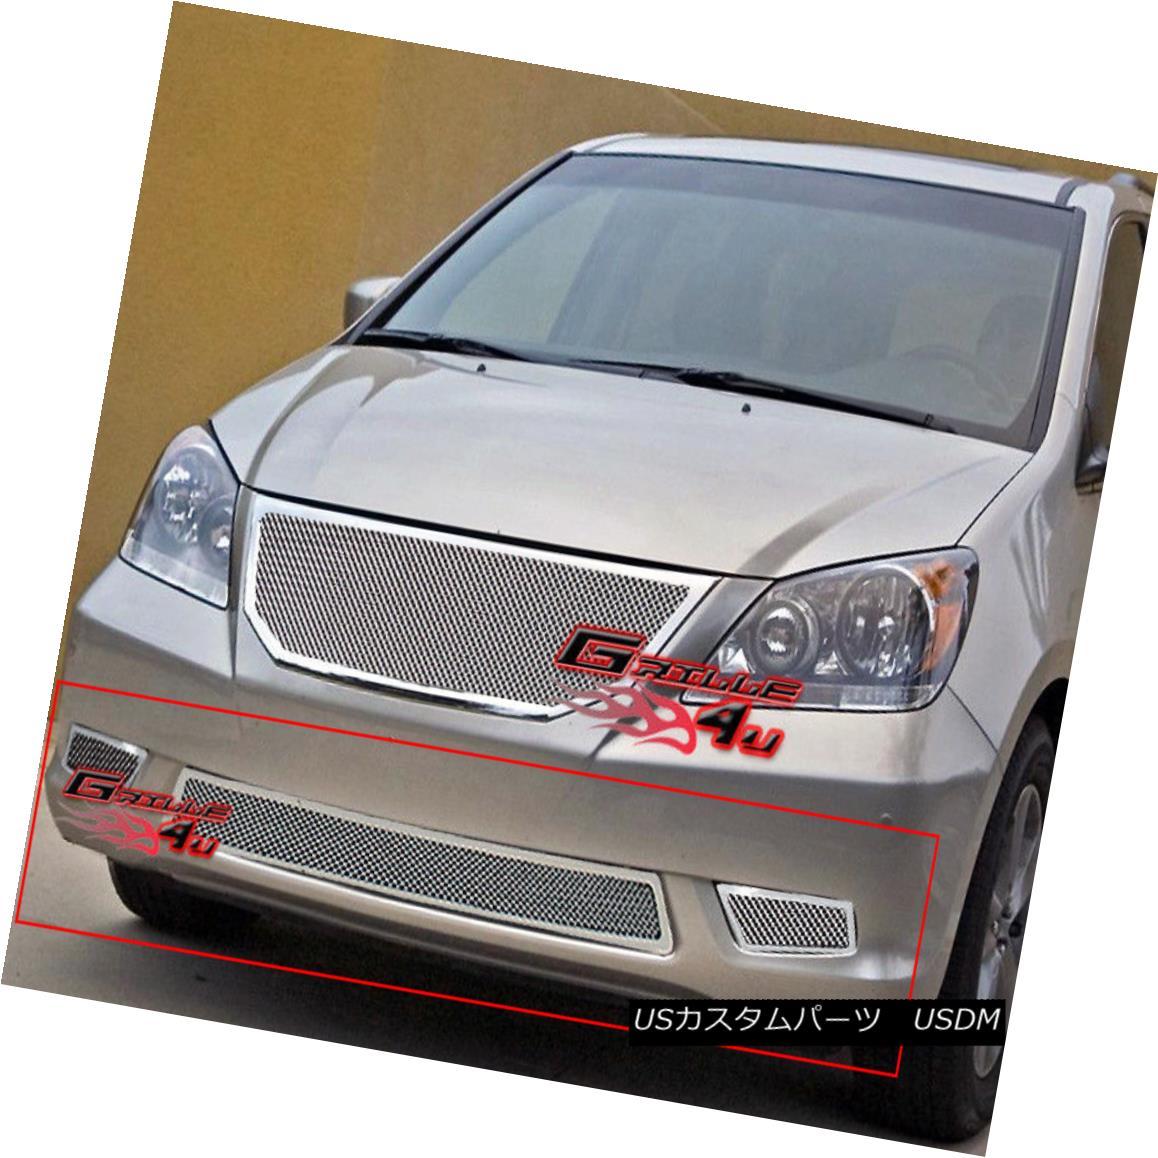 グリル For 08-10 Honda Odyssey Bumper Stainless Mesh Grille Insert 08-10ホンダオデッセイバンパーステンレスメッシュグリルインサート